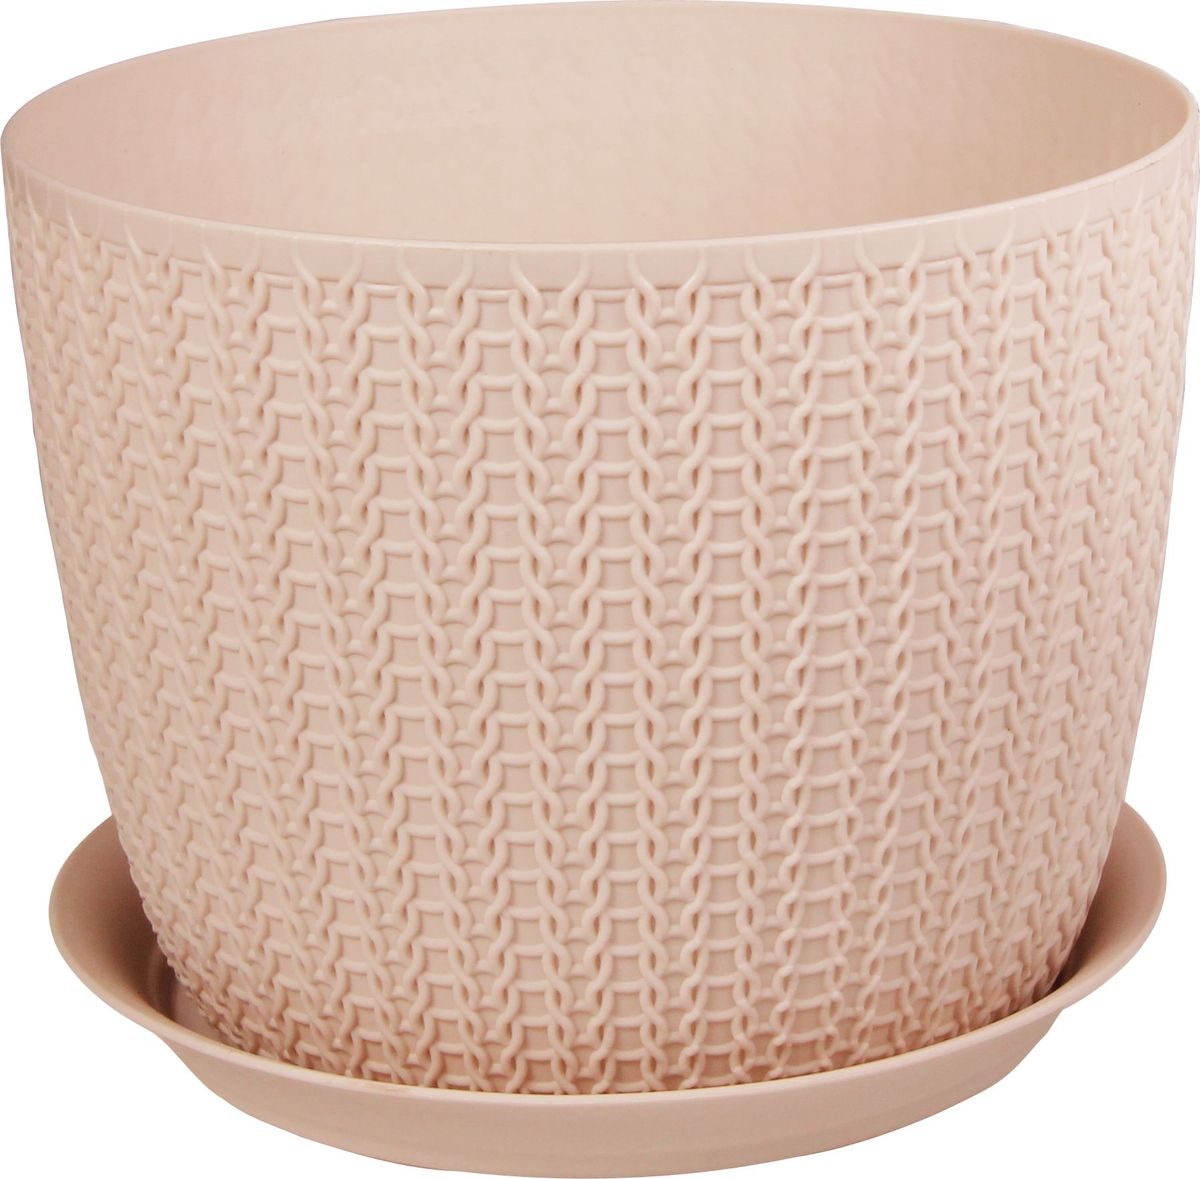 Кашпо Idea Вязание, с поддоном, цвет: чайная роза, диаметр 18 см кашпо idea верона с подставкой цвет белый диаметр 18 см